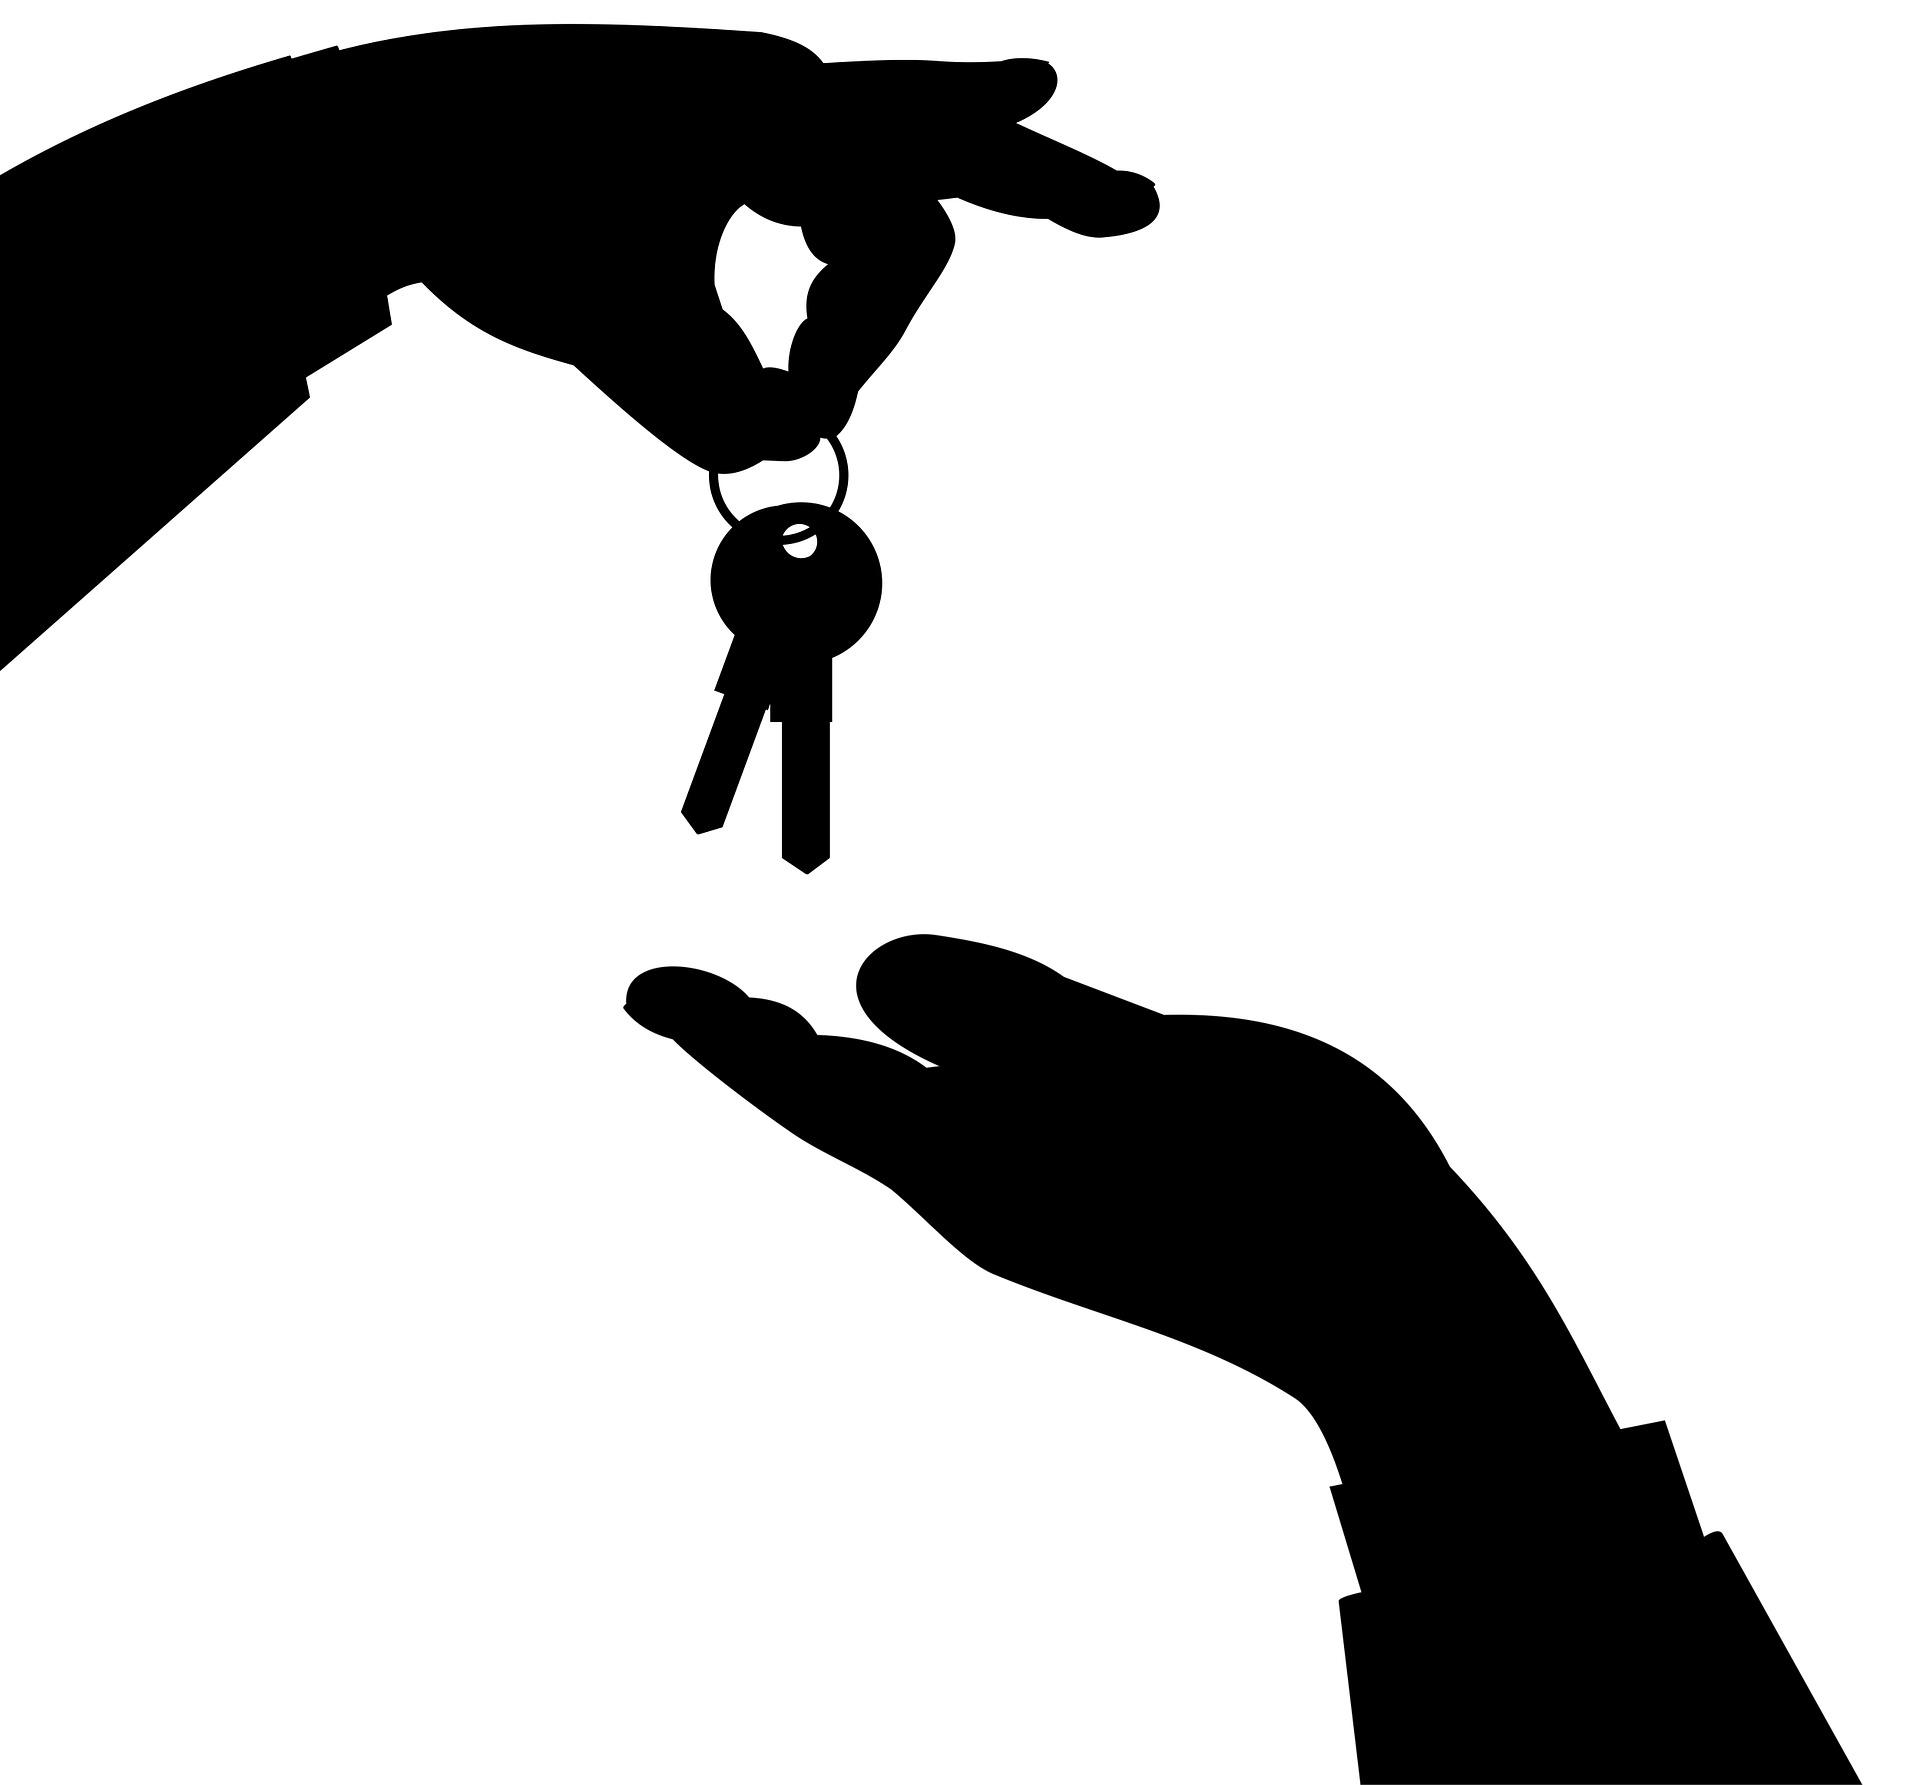 La alternativa a las temibles hipotecas y a la subida de precio de los alquileres son las viviendas compartidas y saber cómo realizar un alquiler seguro.